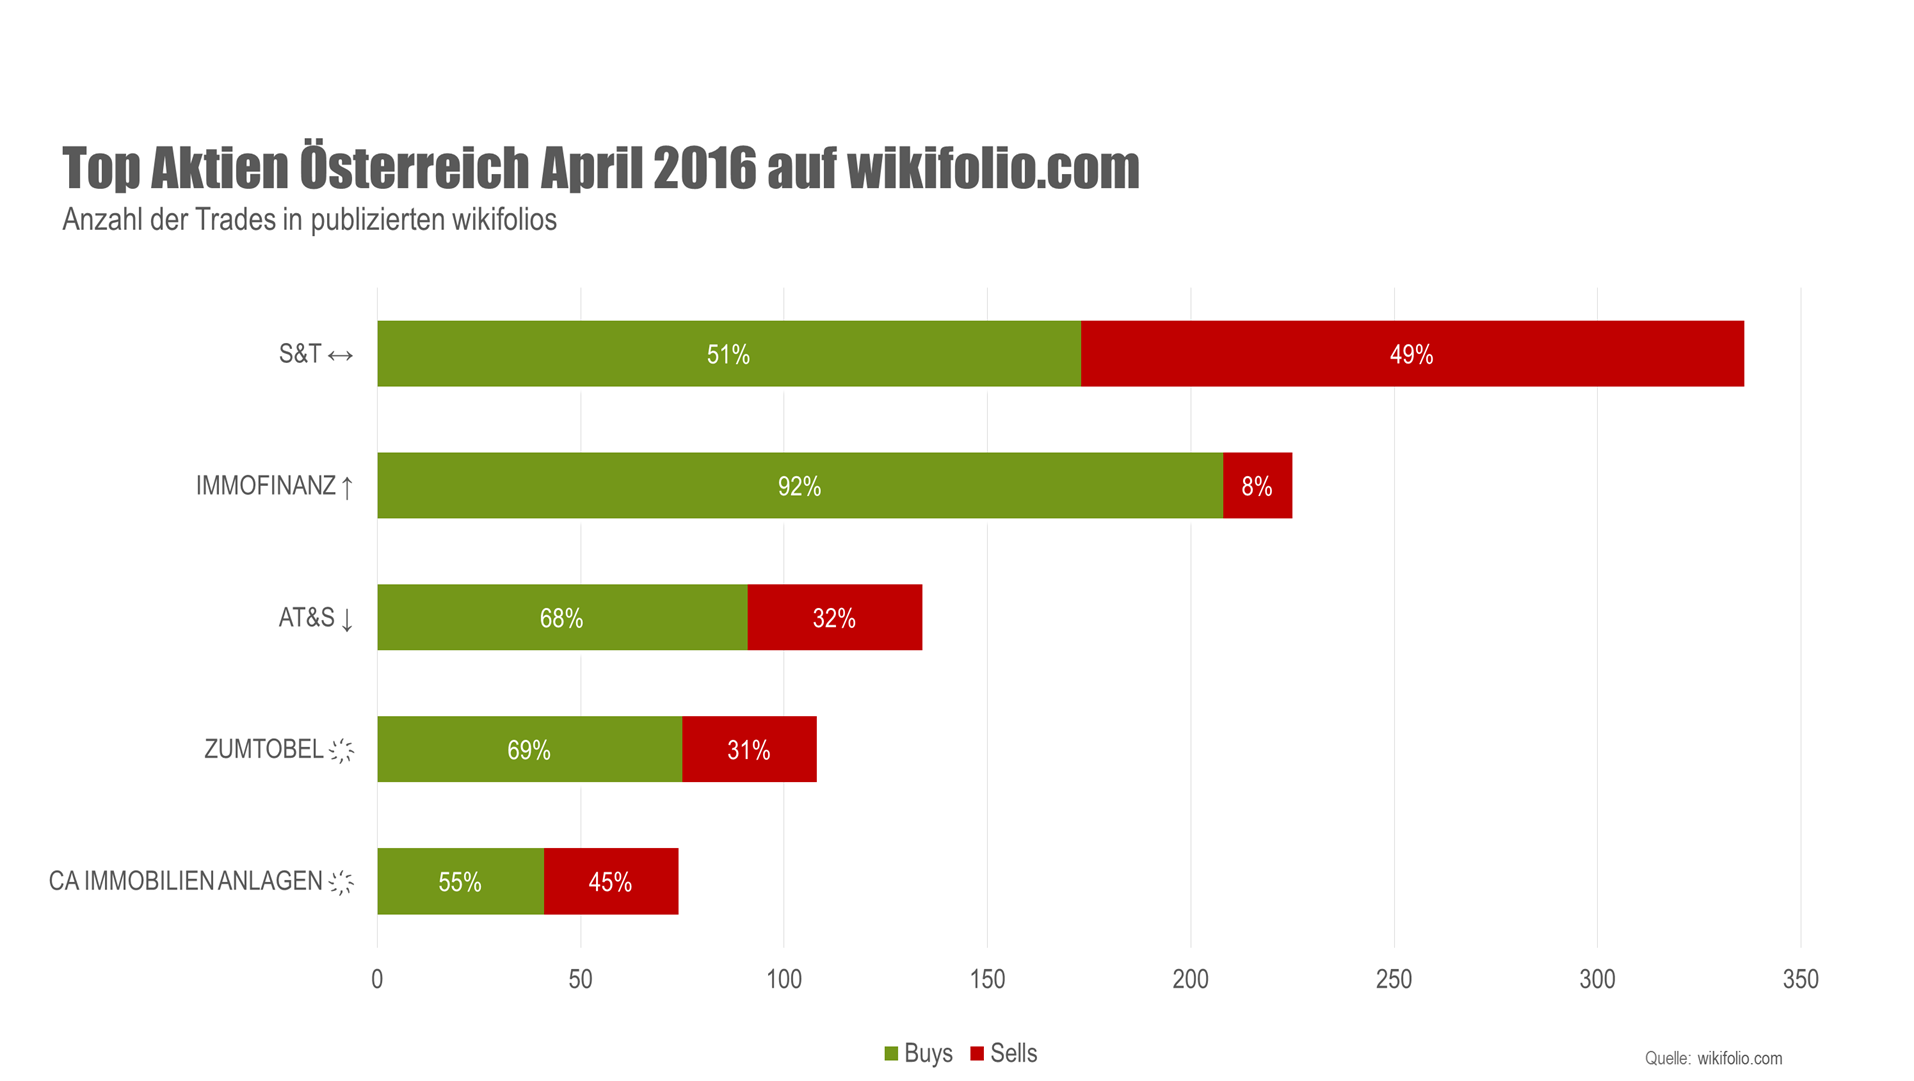 Top-5-Aktien im April 2016